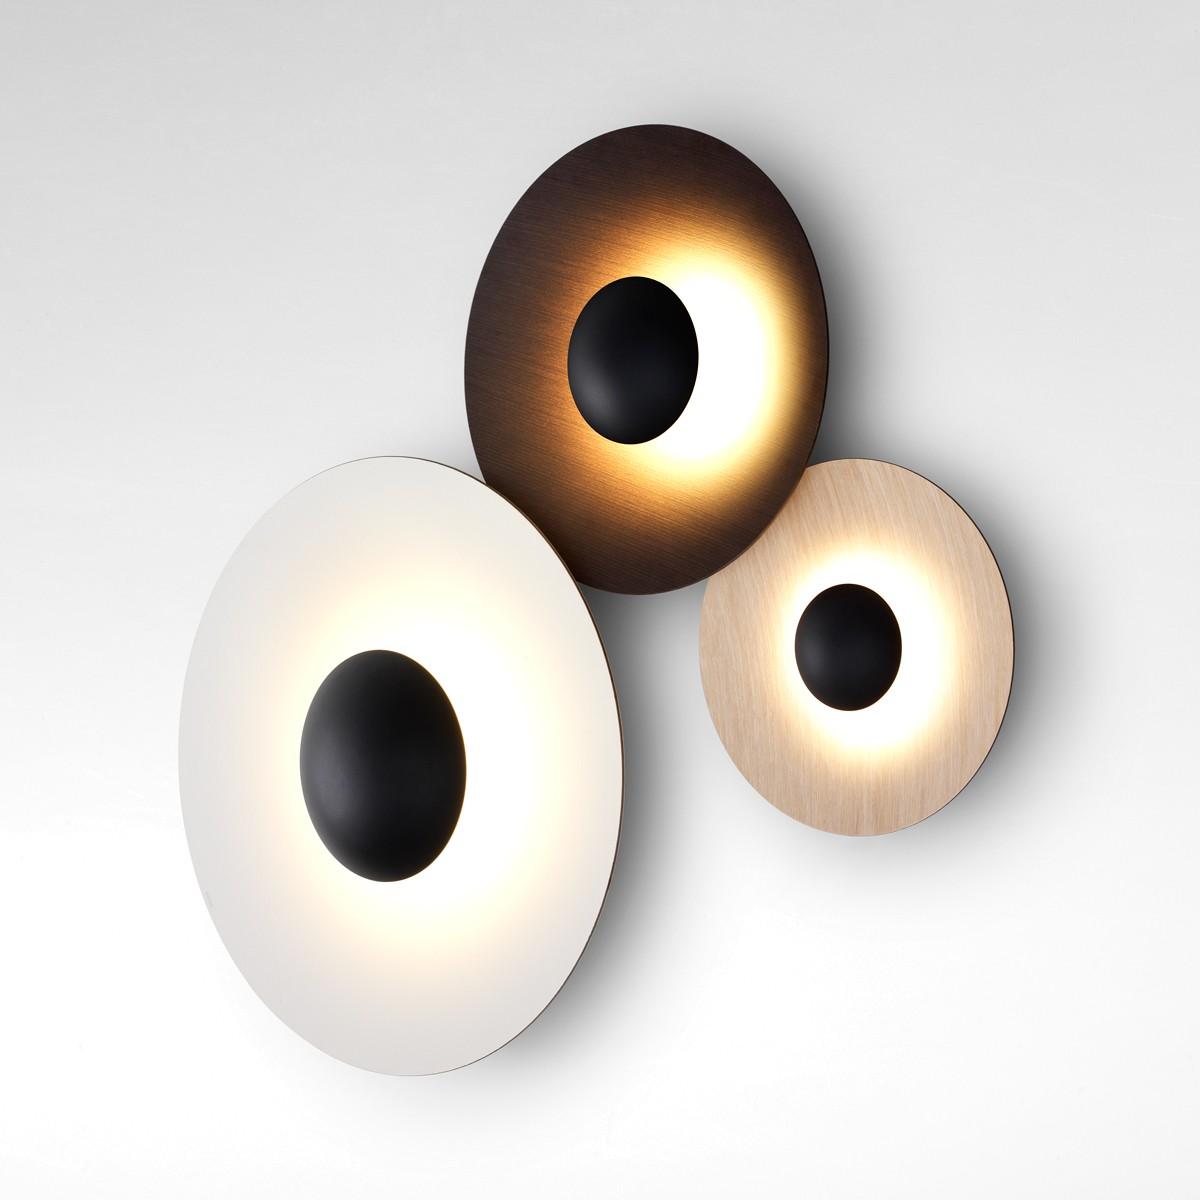 Marset Ginger C3 LED Wand- / Deckenleuchte, Eiche / Wenge / Rückseite: Eiche, Front: weiß